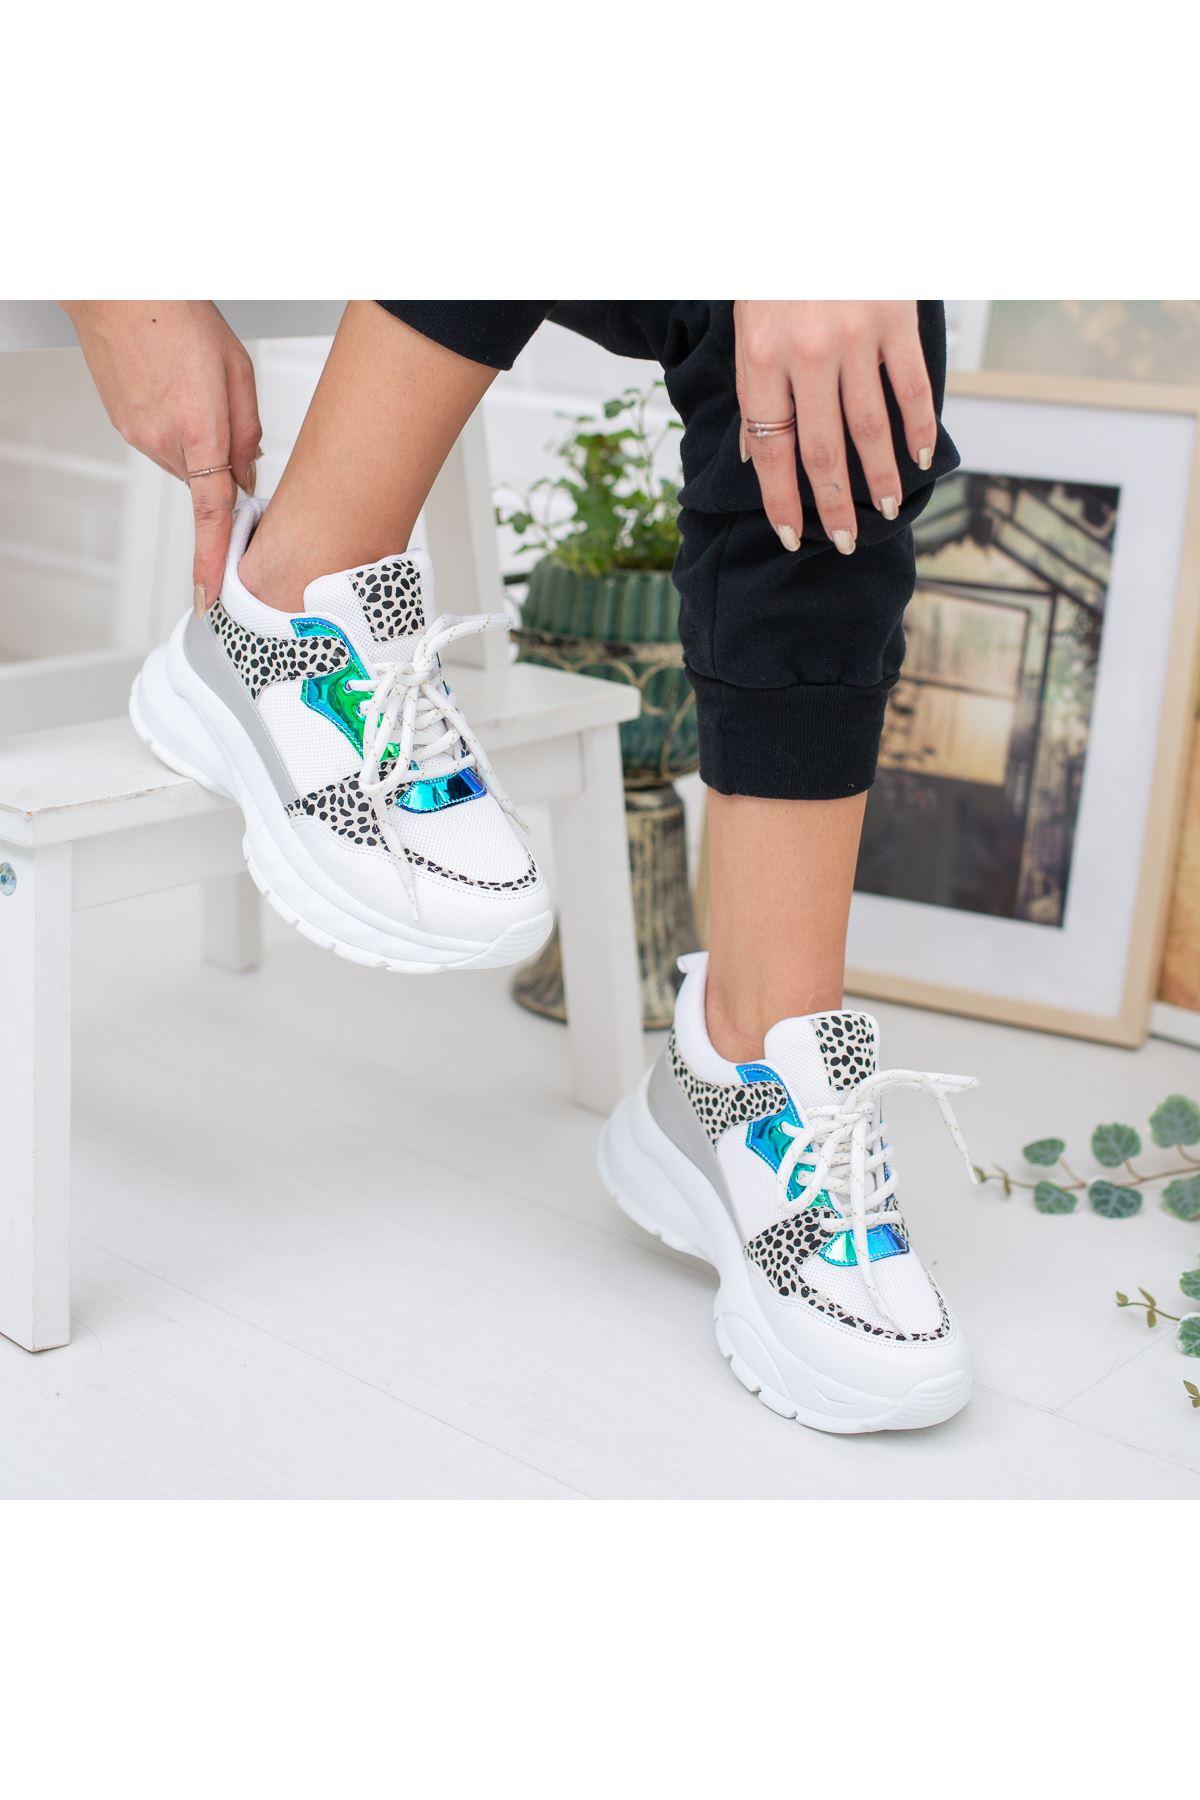 Lezan Ortapedik Beyaz Leopar Bayan Spor Ayakkabı